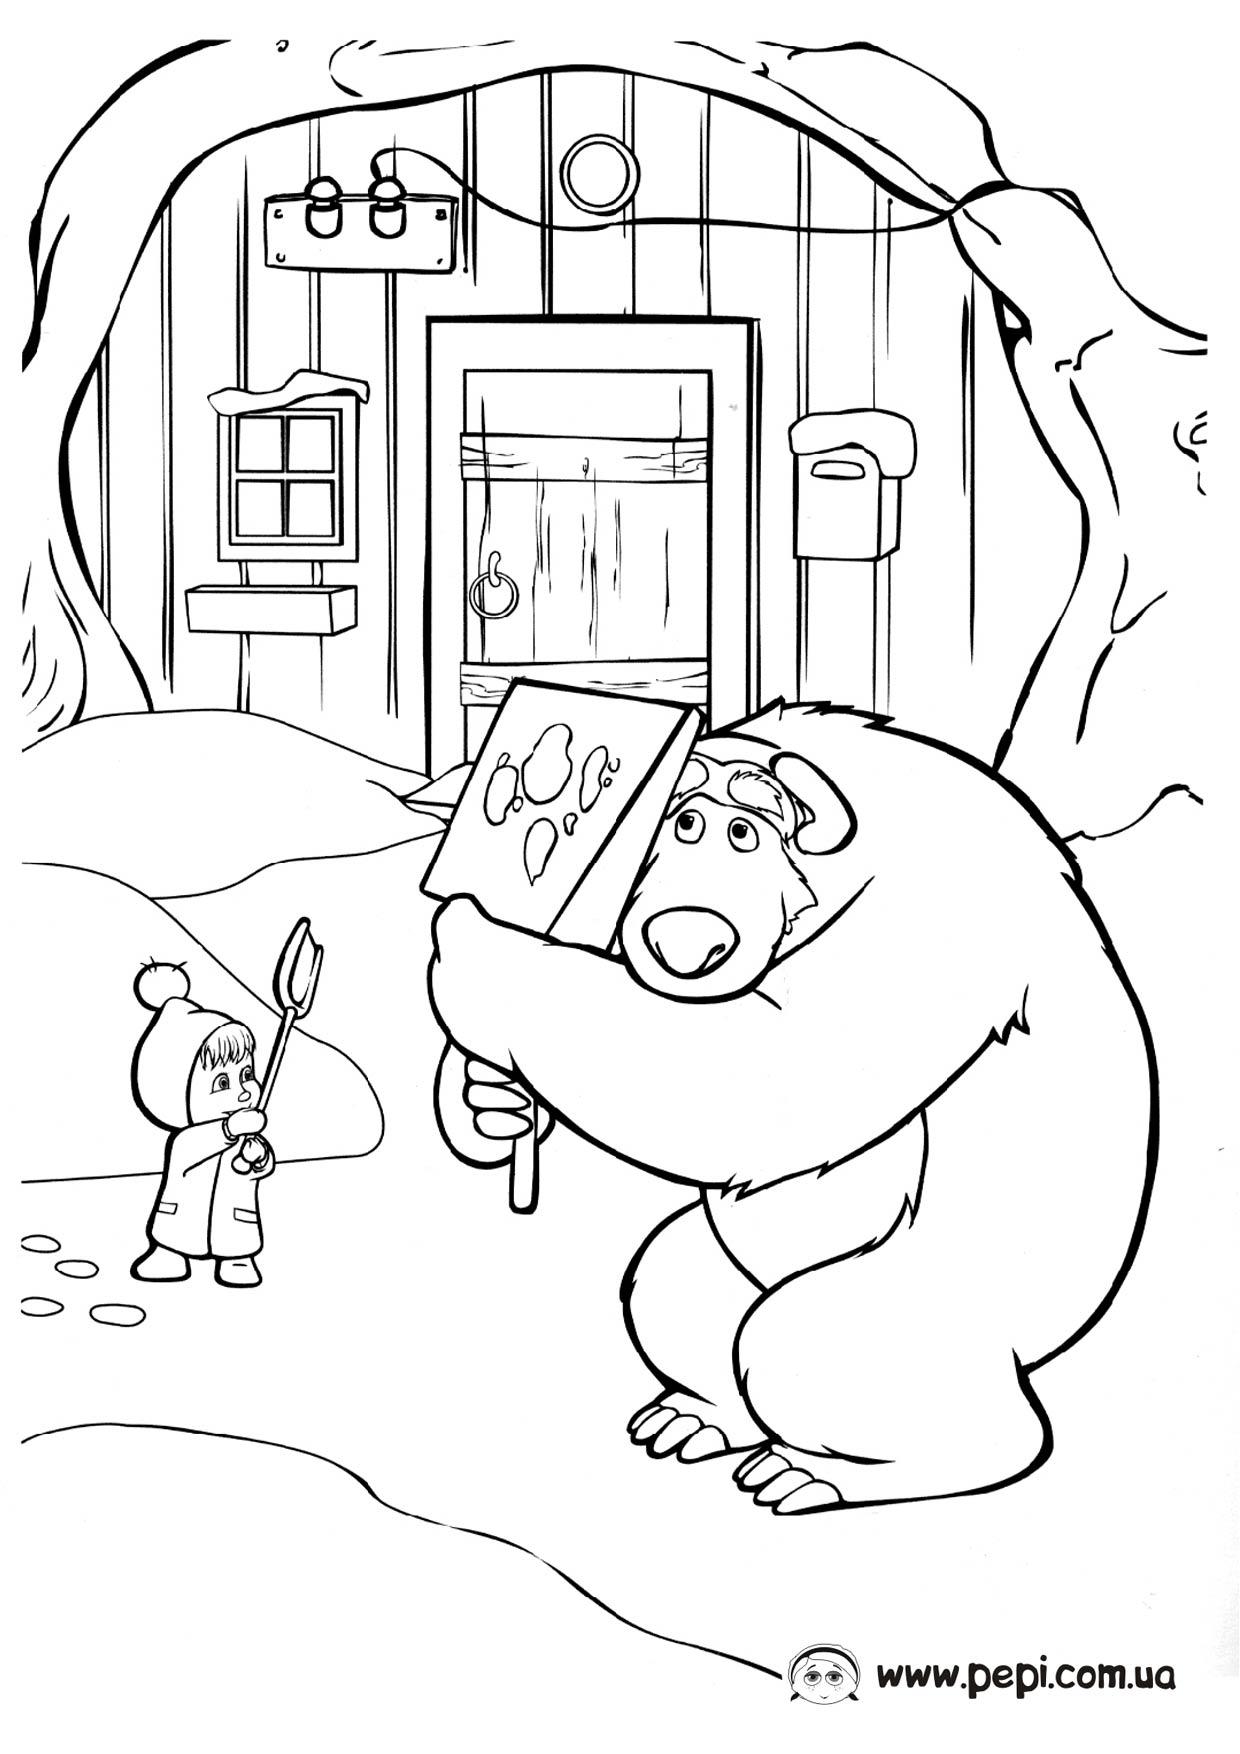 раскраски на тему маша и медведь